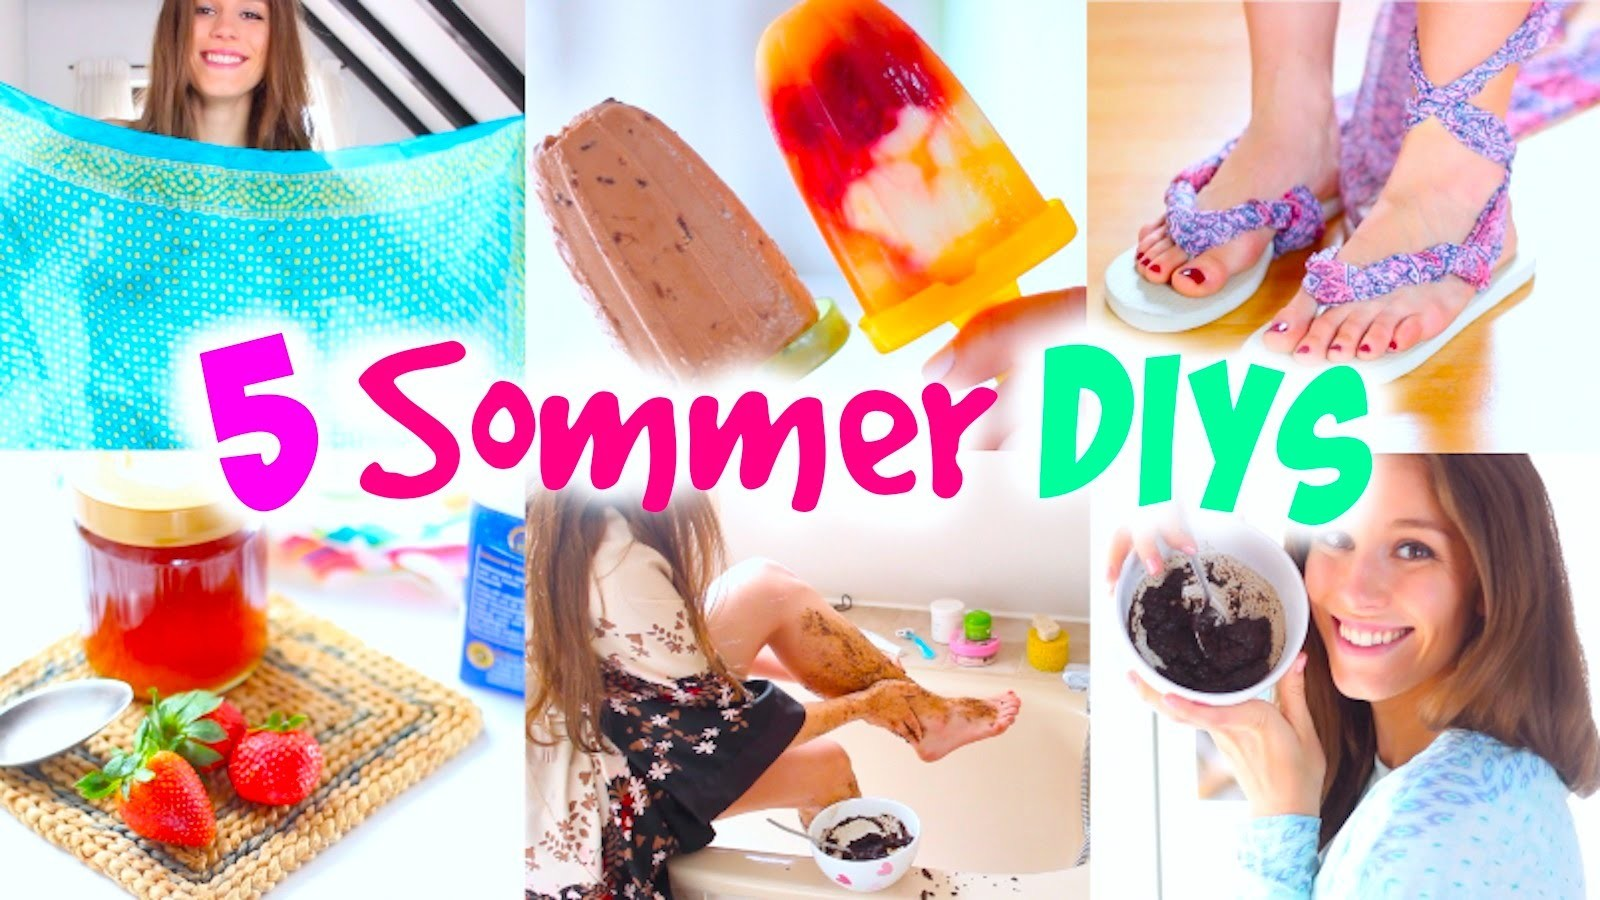 5 easy SOMMER DIY IDEEN! Nutella Eis|rückenfreies Top|Erdbeer Maske und mehr| BarbieLovesLipsticks